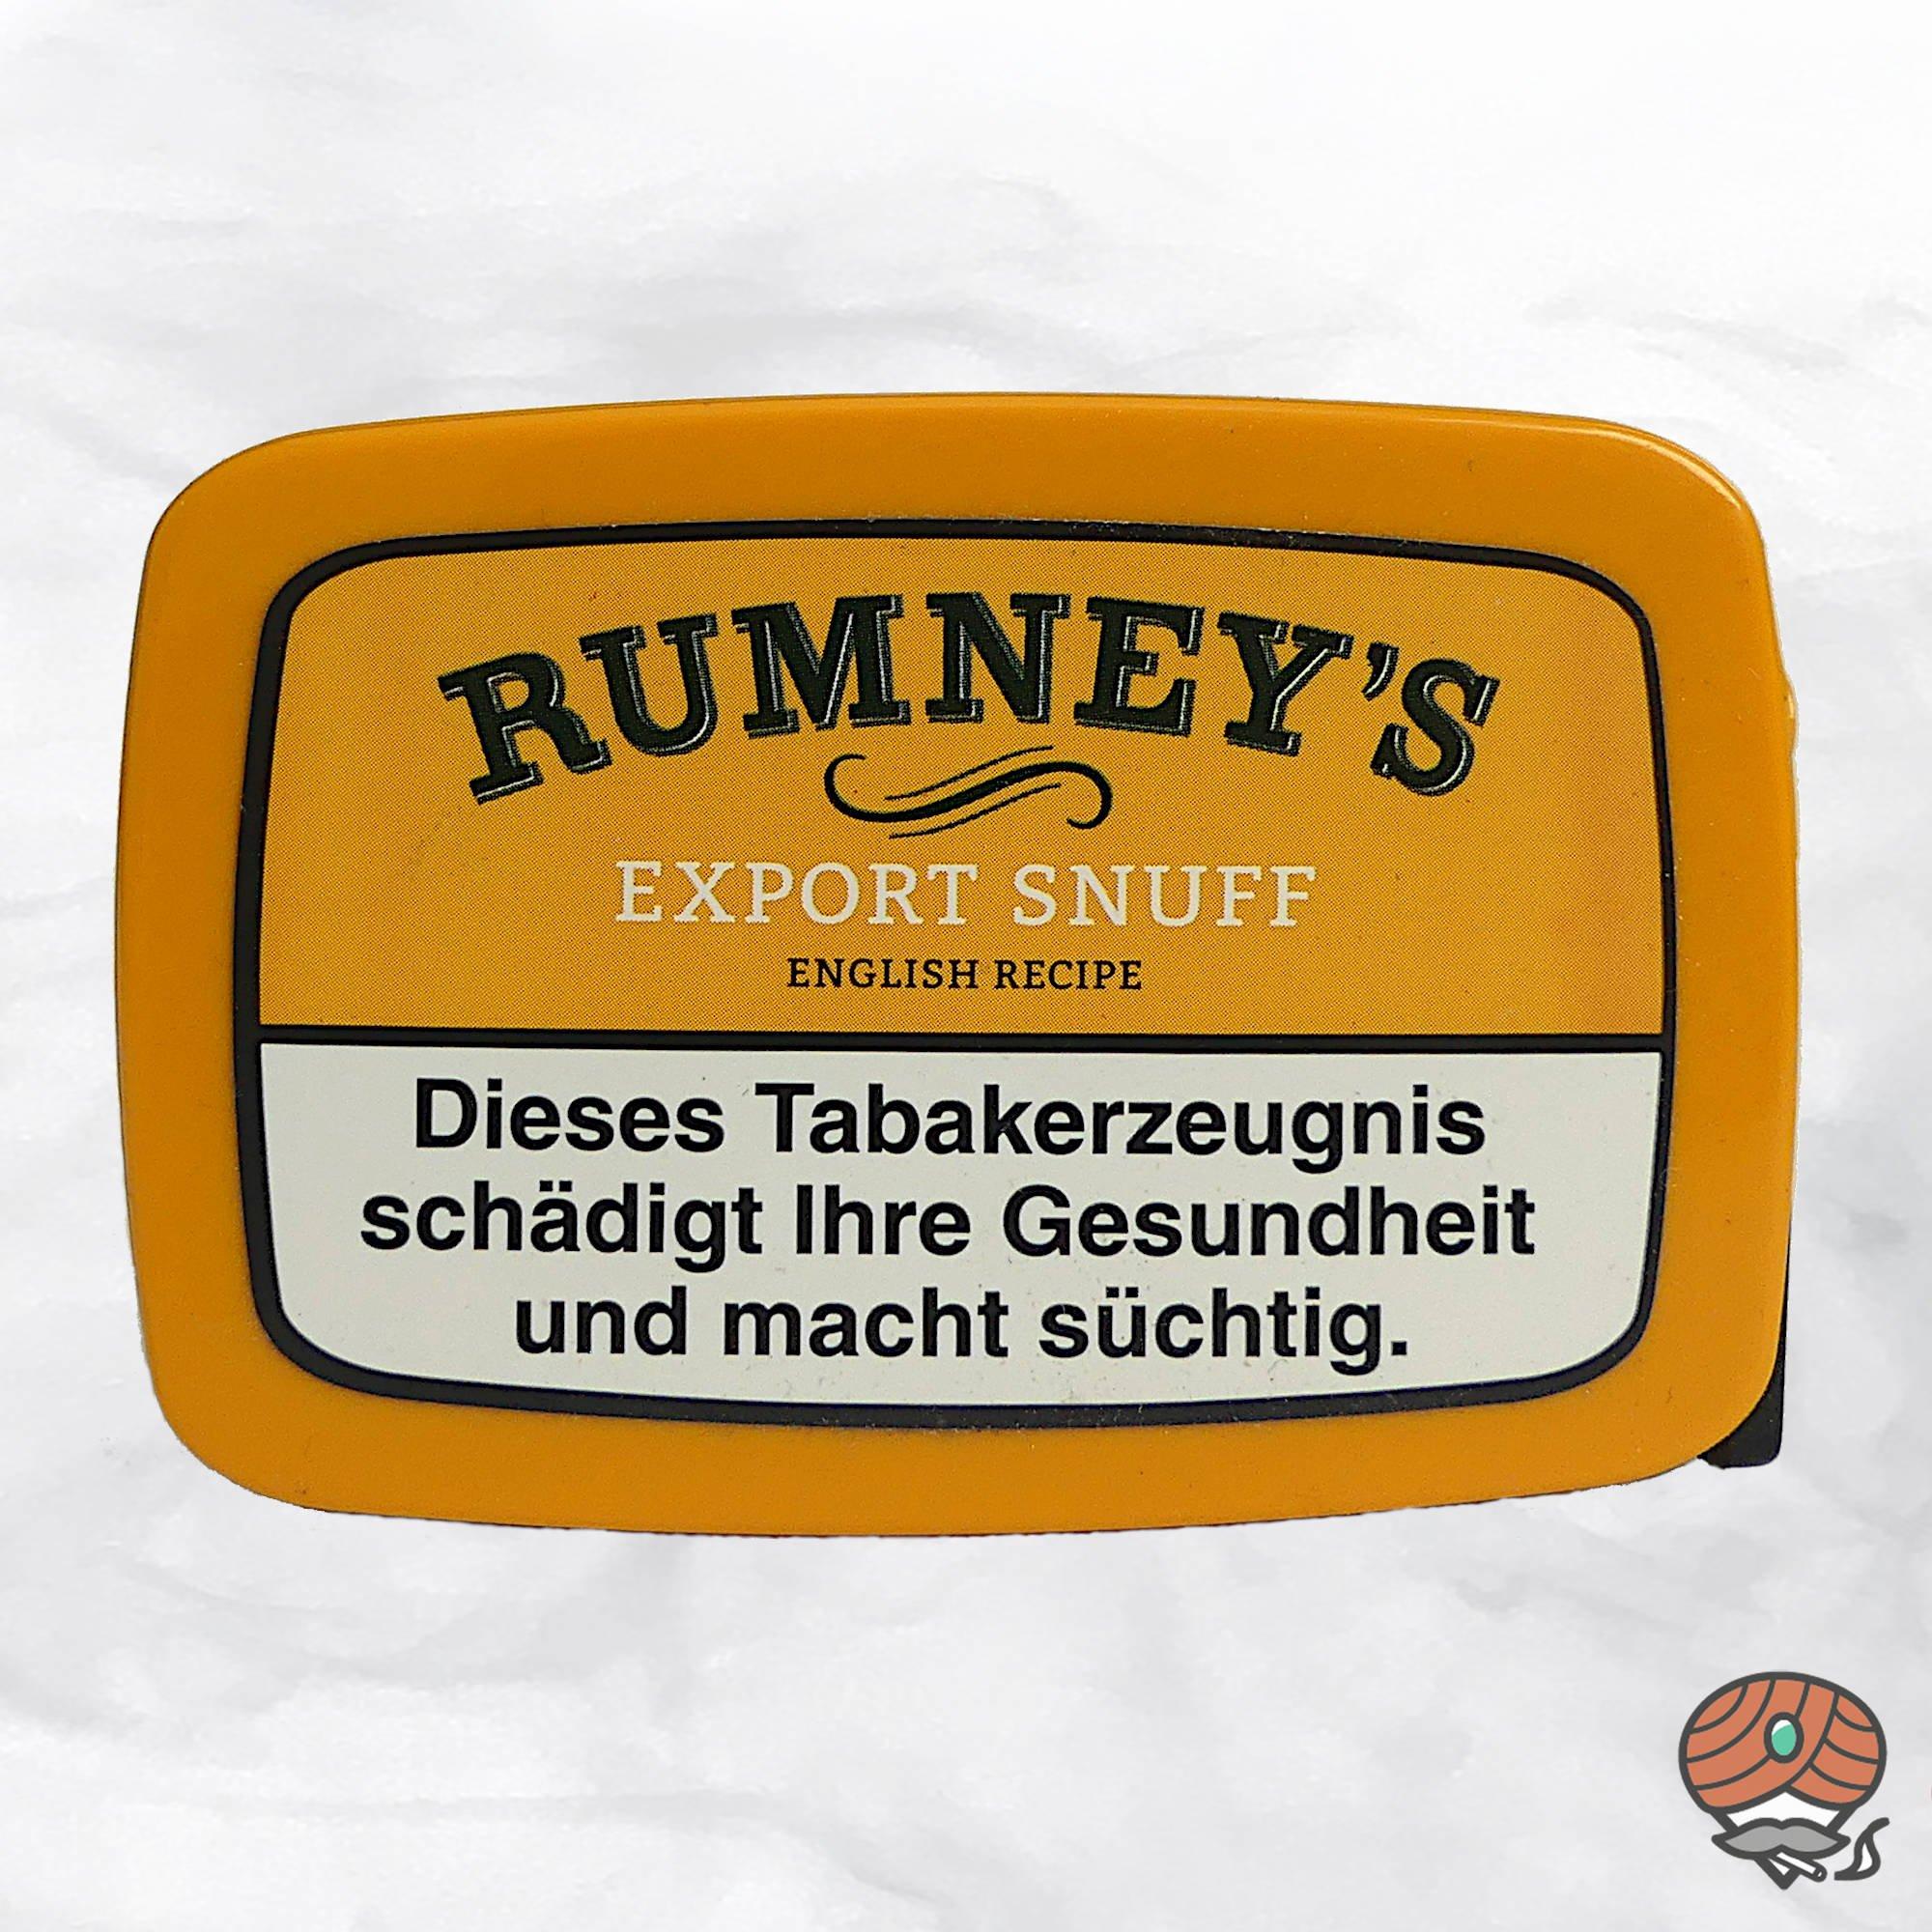 RUMNEY'S Export Snuff Schnupftabak 10g Dose